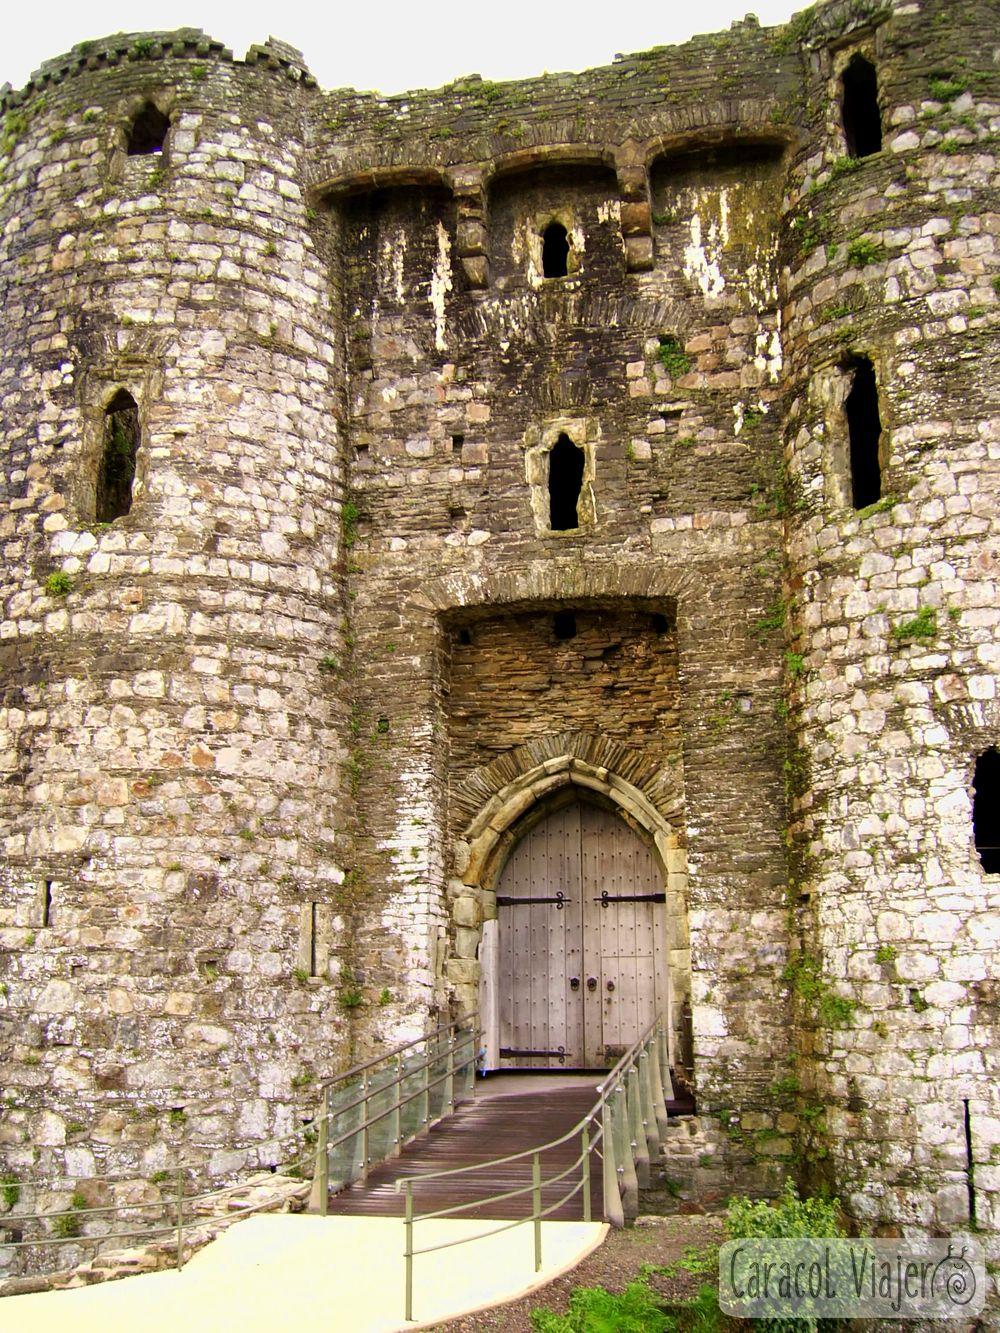 Puerta del castillo Kidwelly en Gales